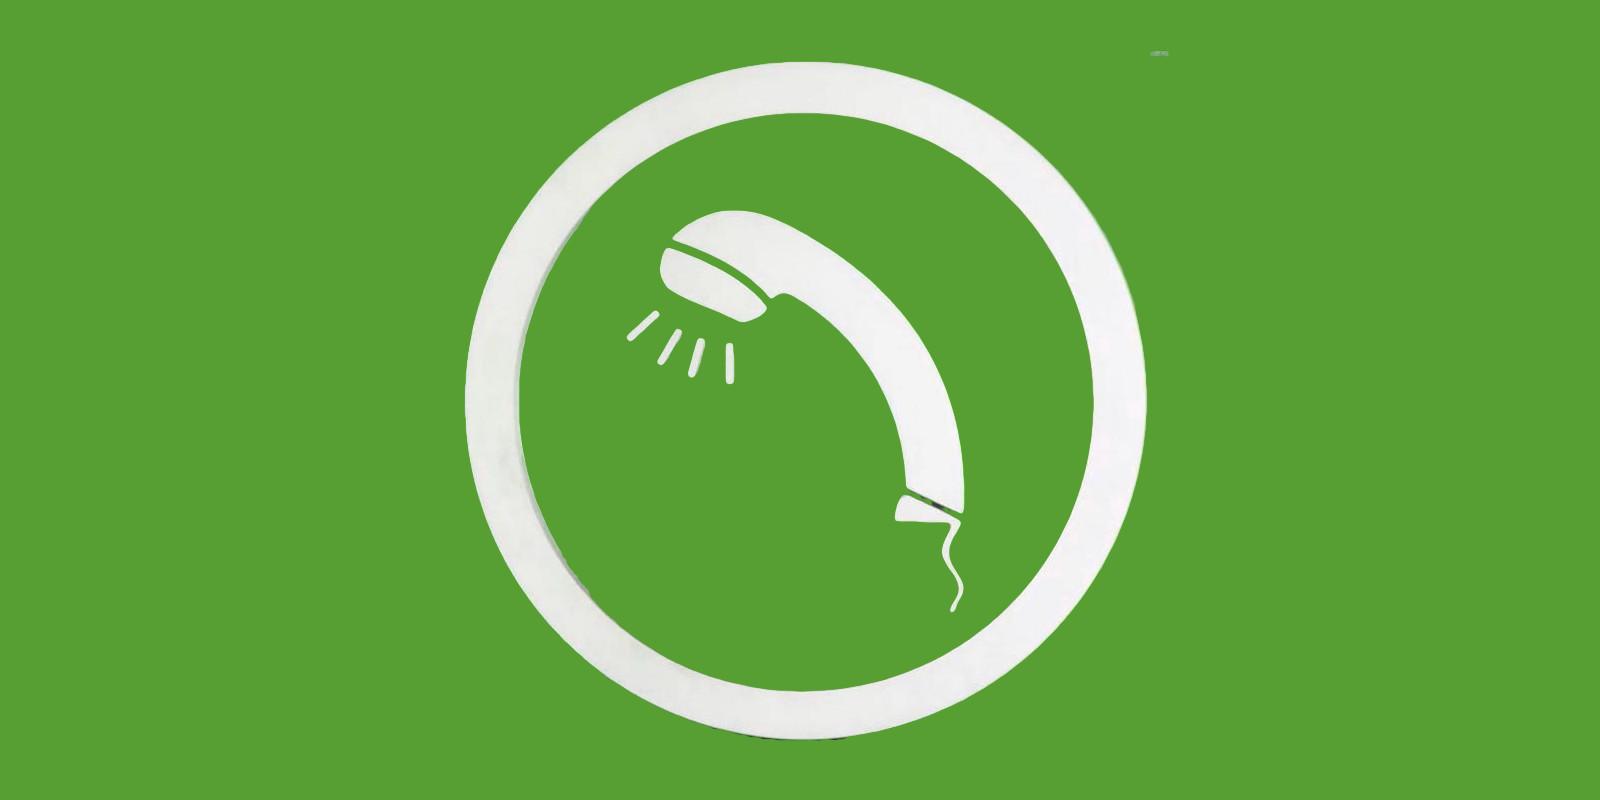 Limpieza de tapizados y desinfección del mismo - WashApp